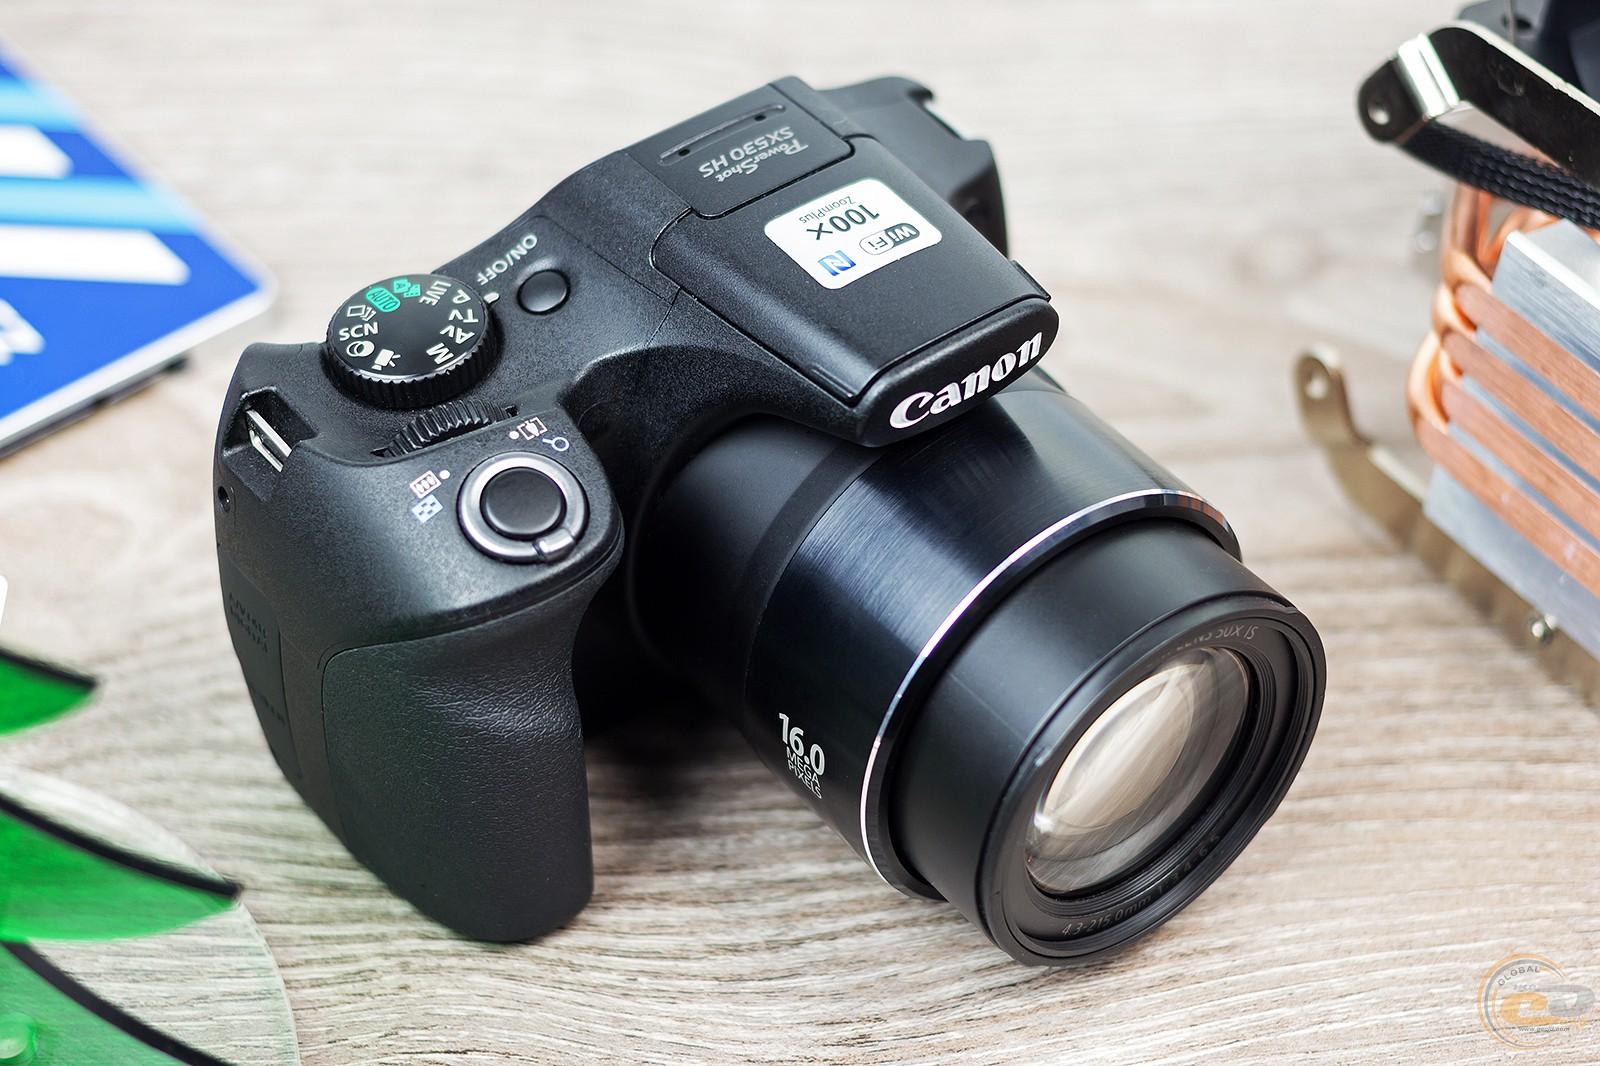 независимый тест компактных фотоаппаратов очень